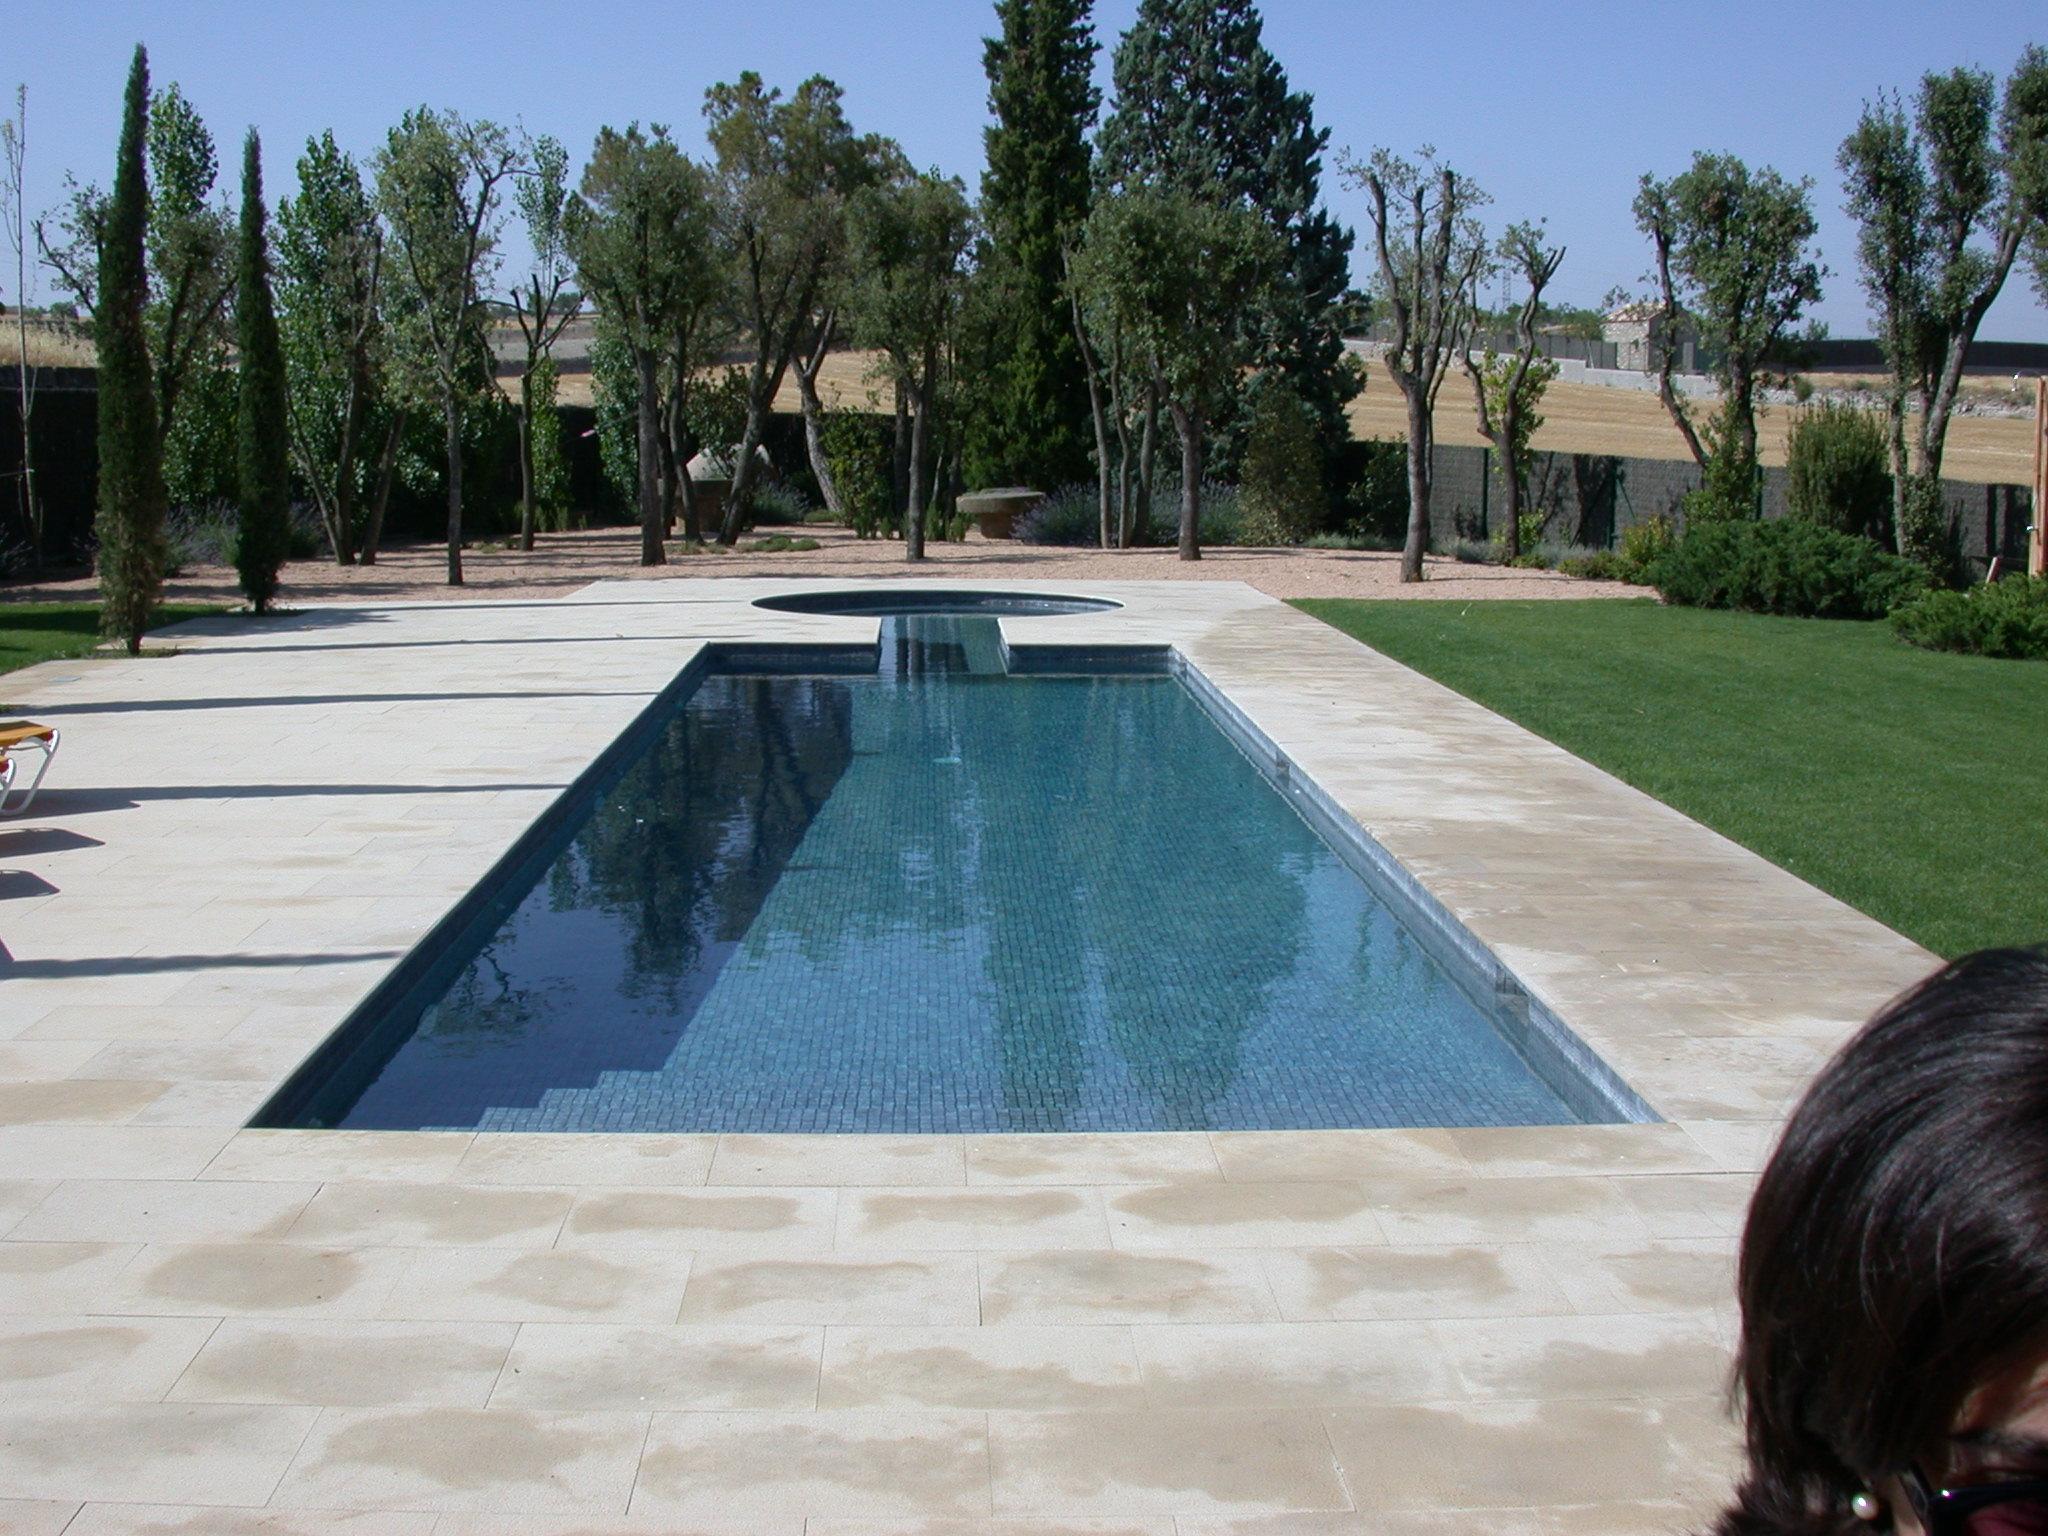 Conillas paisajismo y jardineria diseno paisajistico y for Paisajismo jardines con piscina